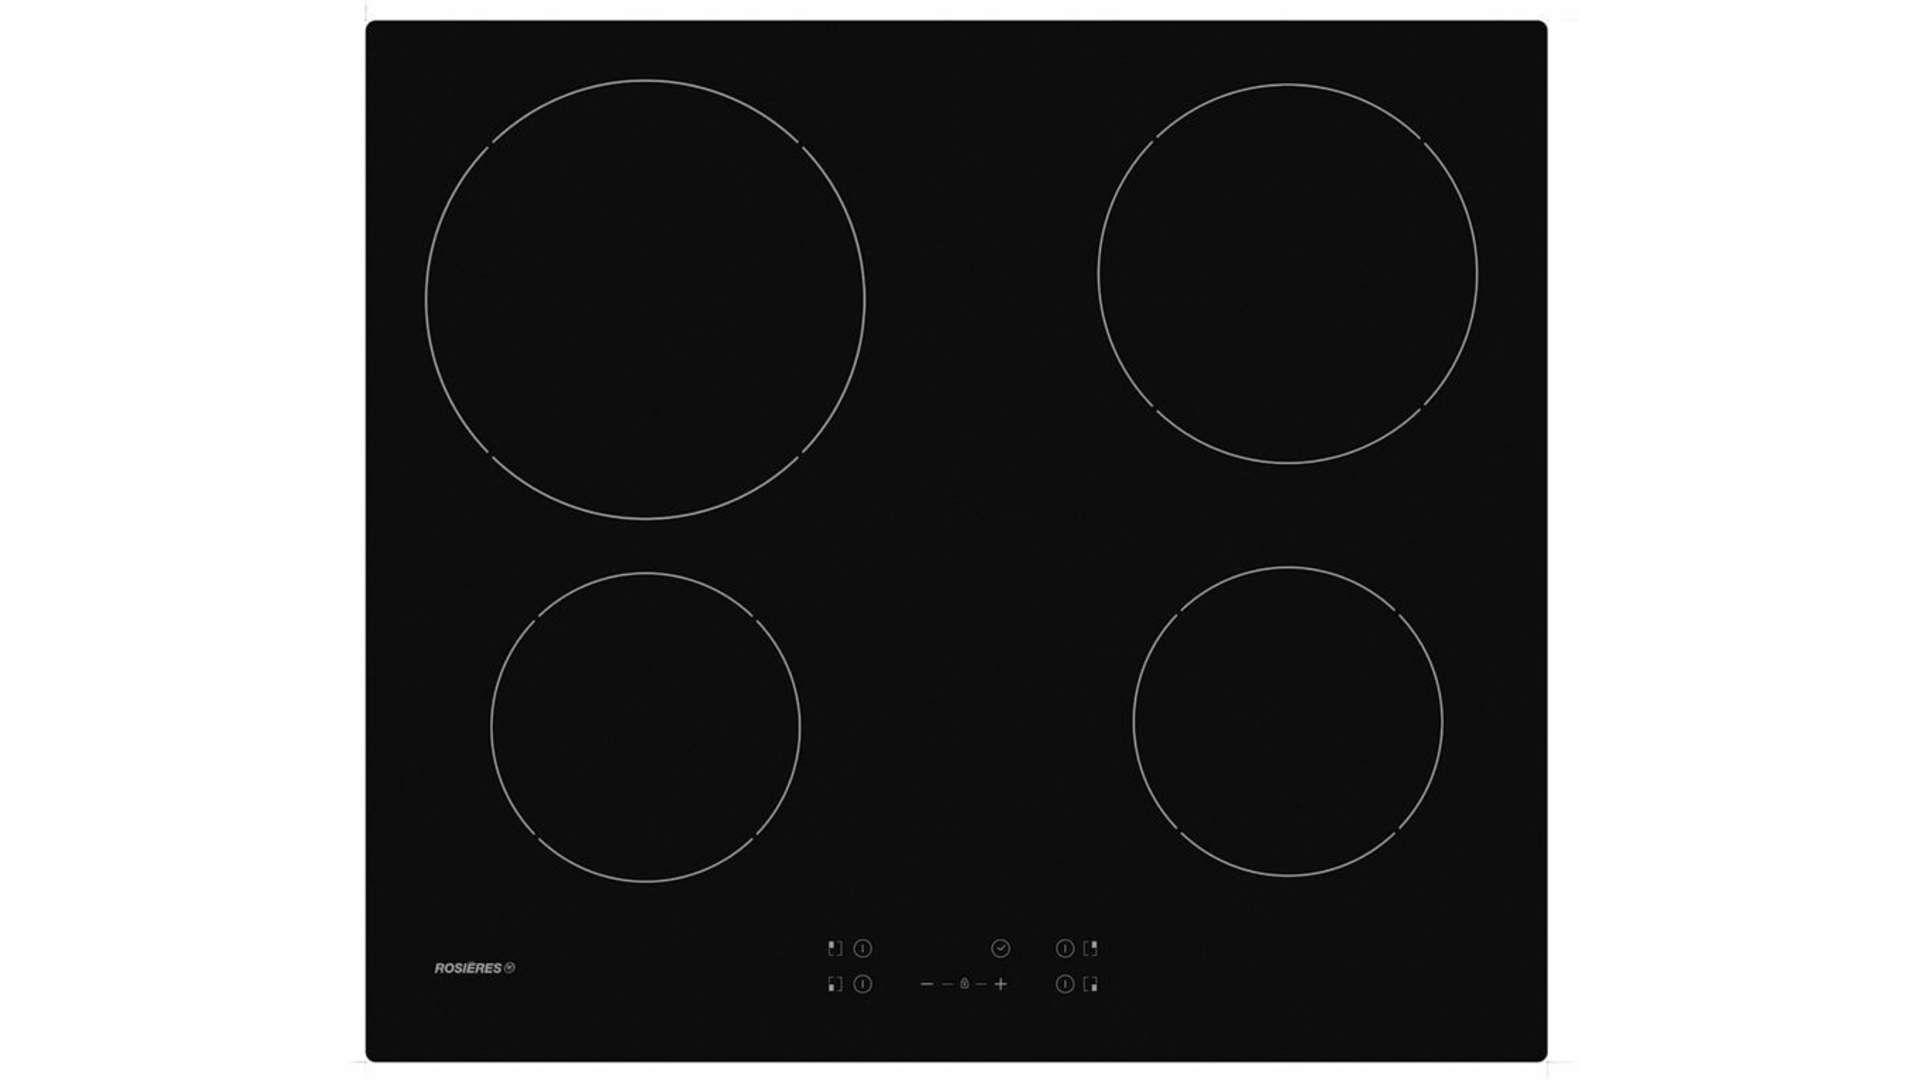 Achat Plaque Induction Pas Cher table de cuisson vitrocéramique rosieres rocth64c-1 en 2020